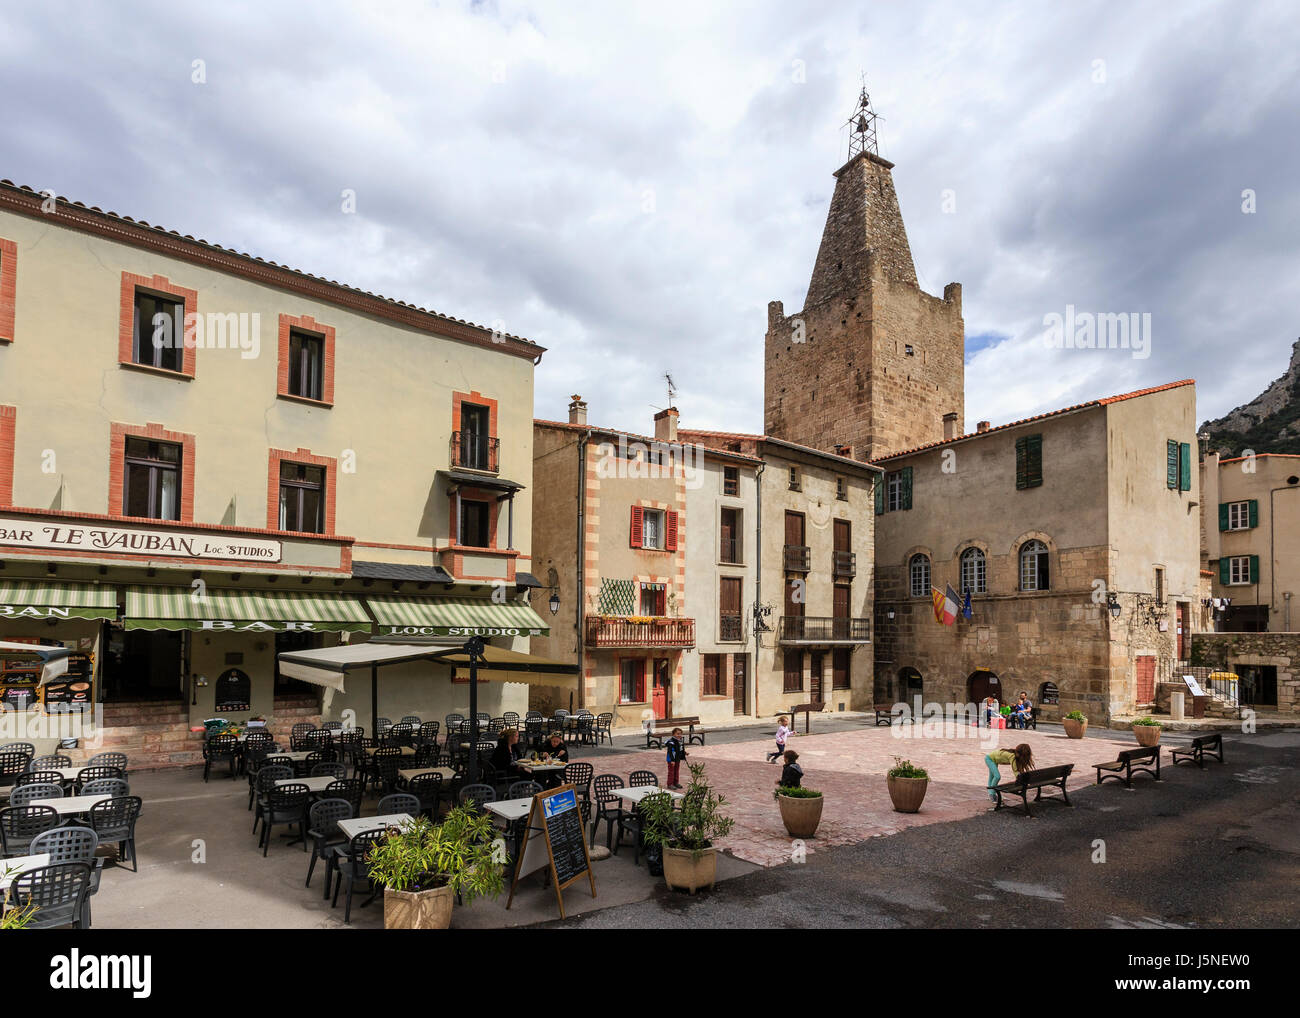 France, Pyrénées Orientales, Villefranche de Conflent, étiqueté les plus Beaux villages de France, église et place de l'Hôtel de ville Banque D'Images